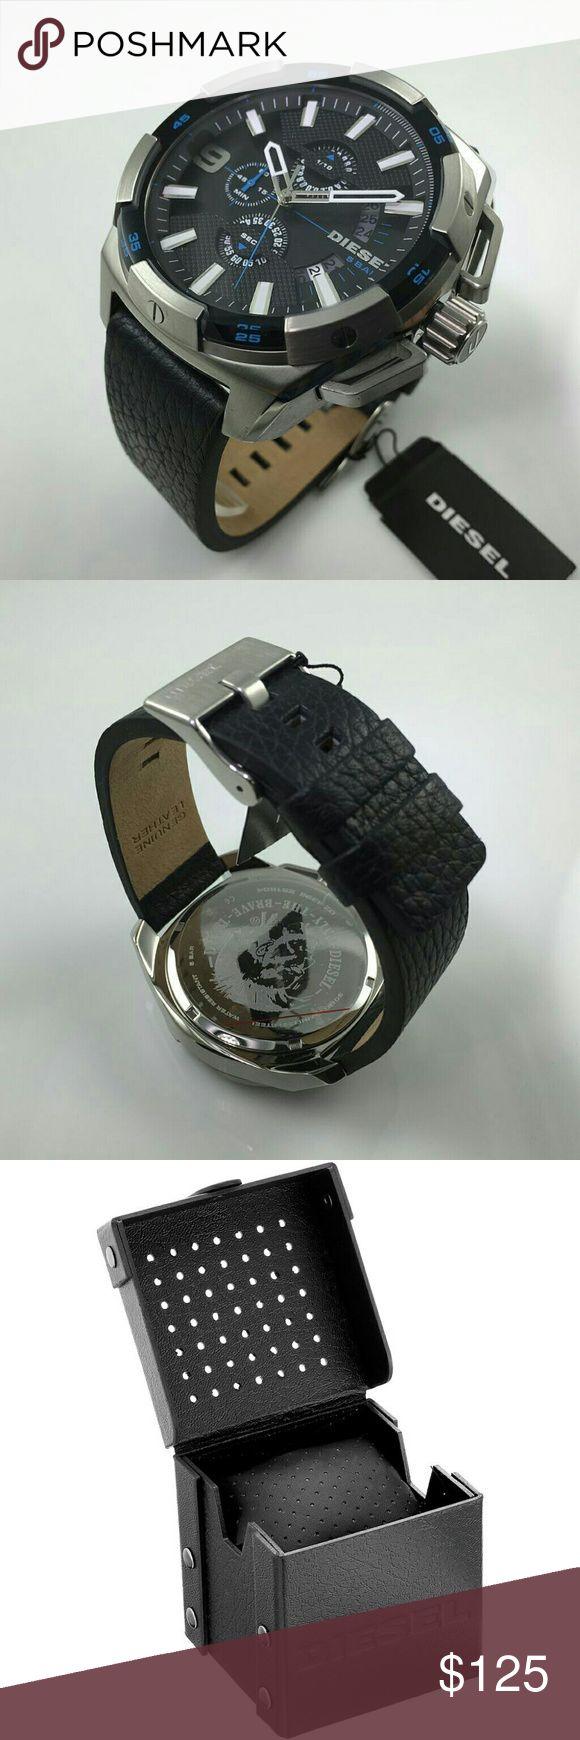 Diesel Men's Heavyweight Black Leather Watch New with tags in original diesel box. Diesel heavyweight dz4392 watch. Black leather Japan movement. Stainless steel case. Diesel Accessories Watches